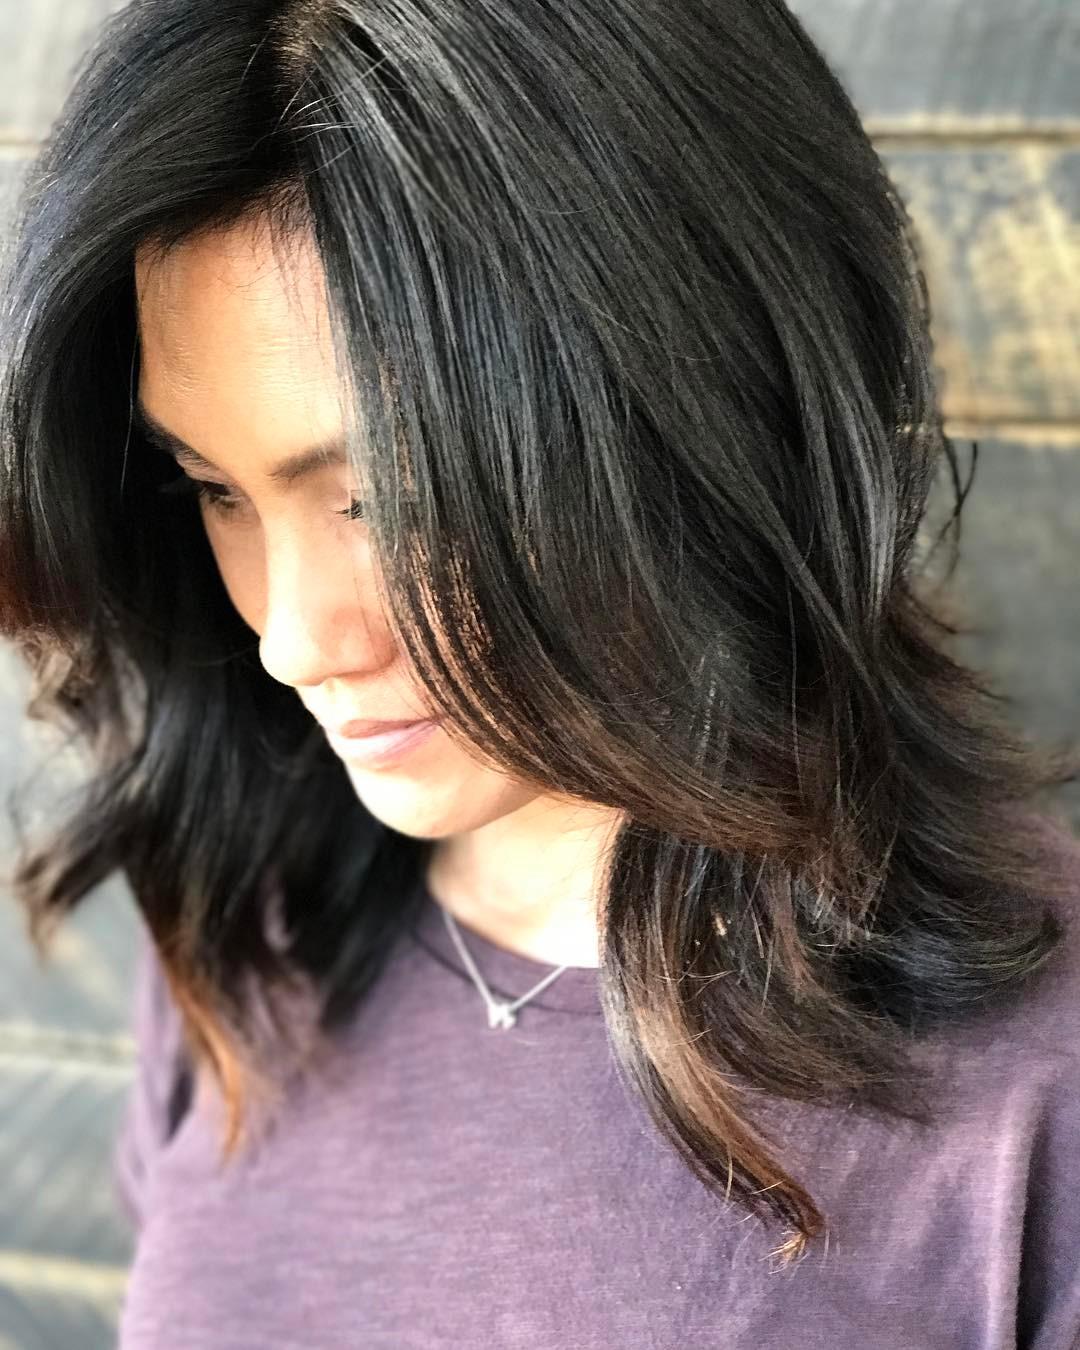 Hair Stylists Sacromento